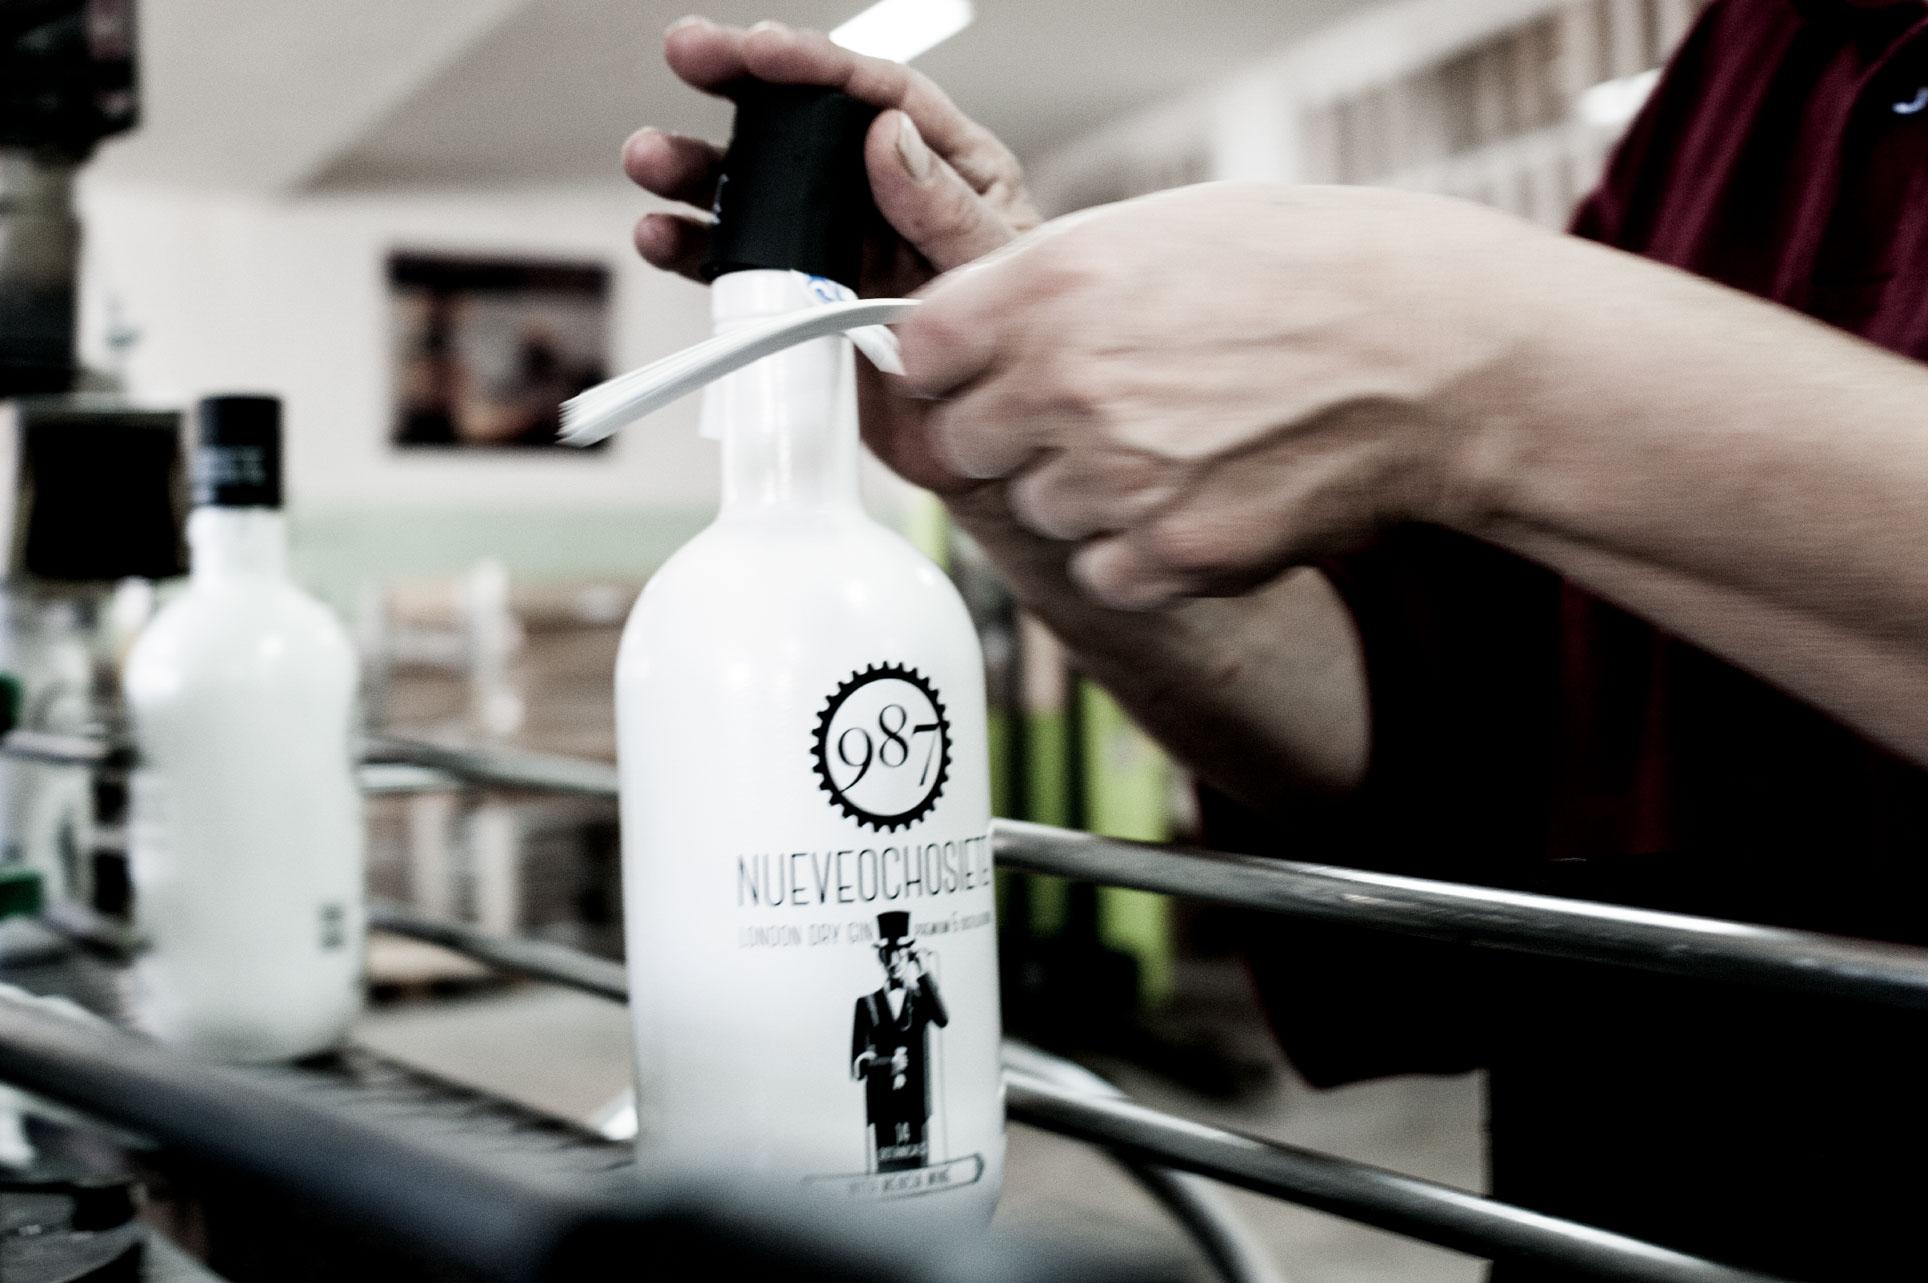 Imagen fabricación 987 Gin, por Daniela Morreale